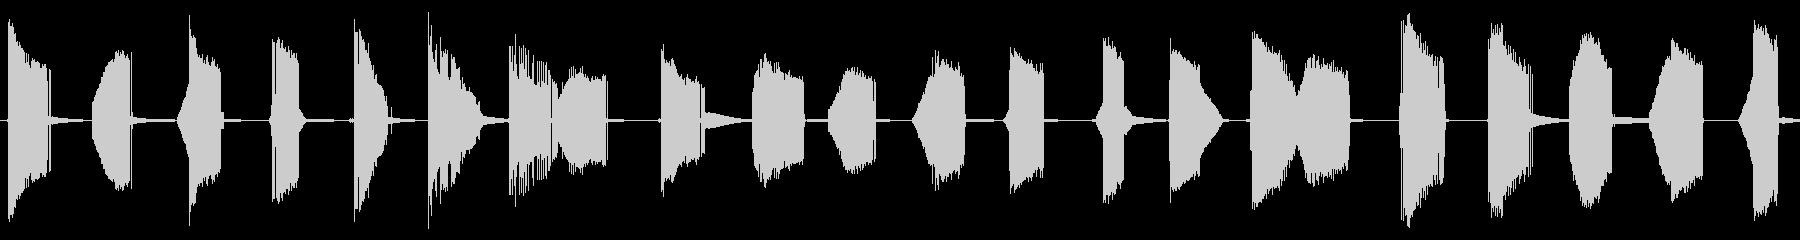 メタリックな昆虫の動きの未再生の波形